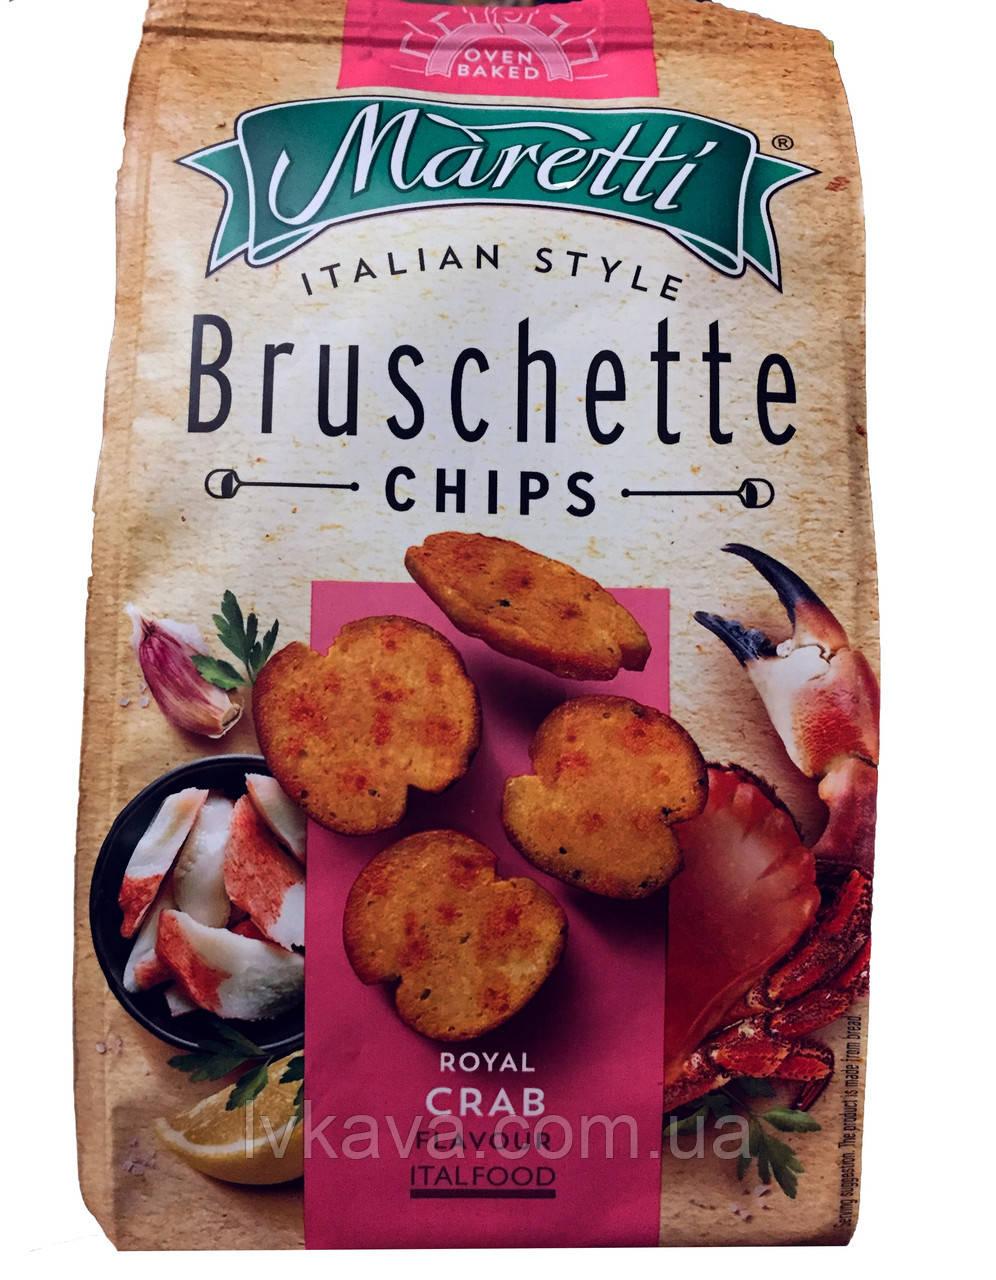 Гренки Bruschette Royal Crab  Maretti, 70 гр